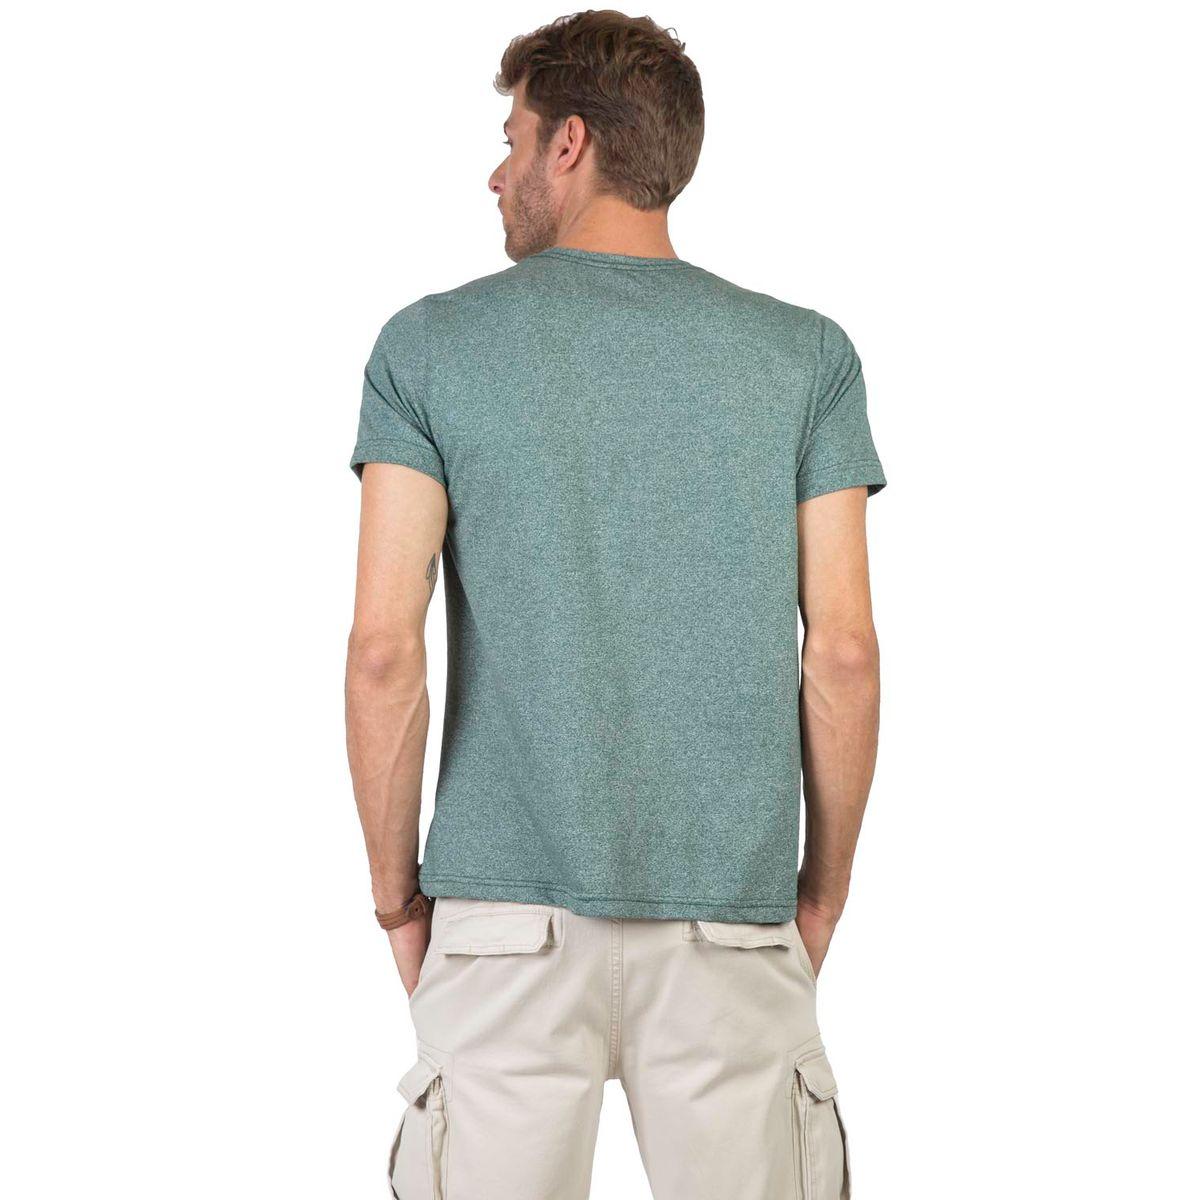 T-Shirt Estampada Verde - Taco 7e5c0a1ae0cf5